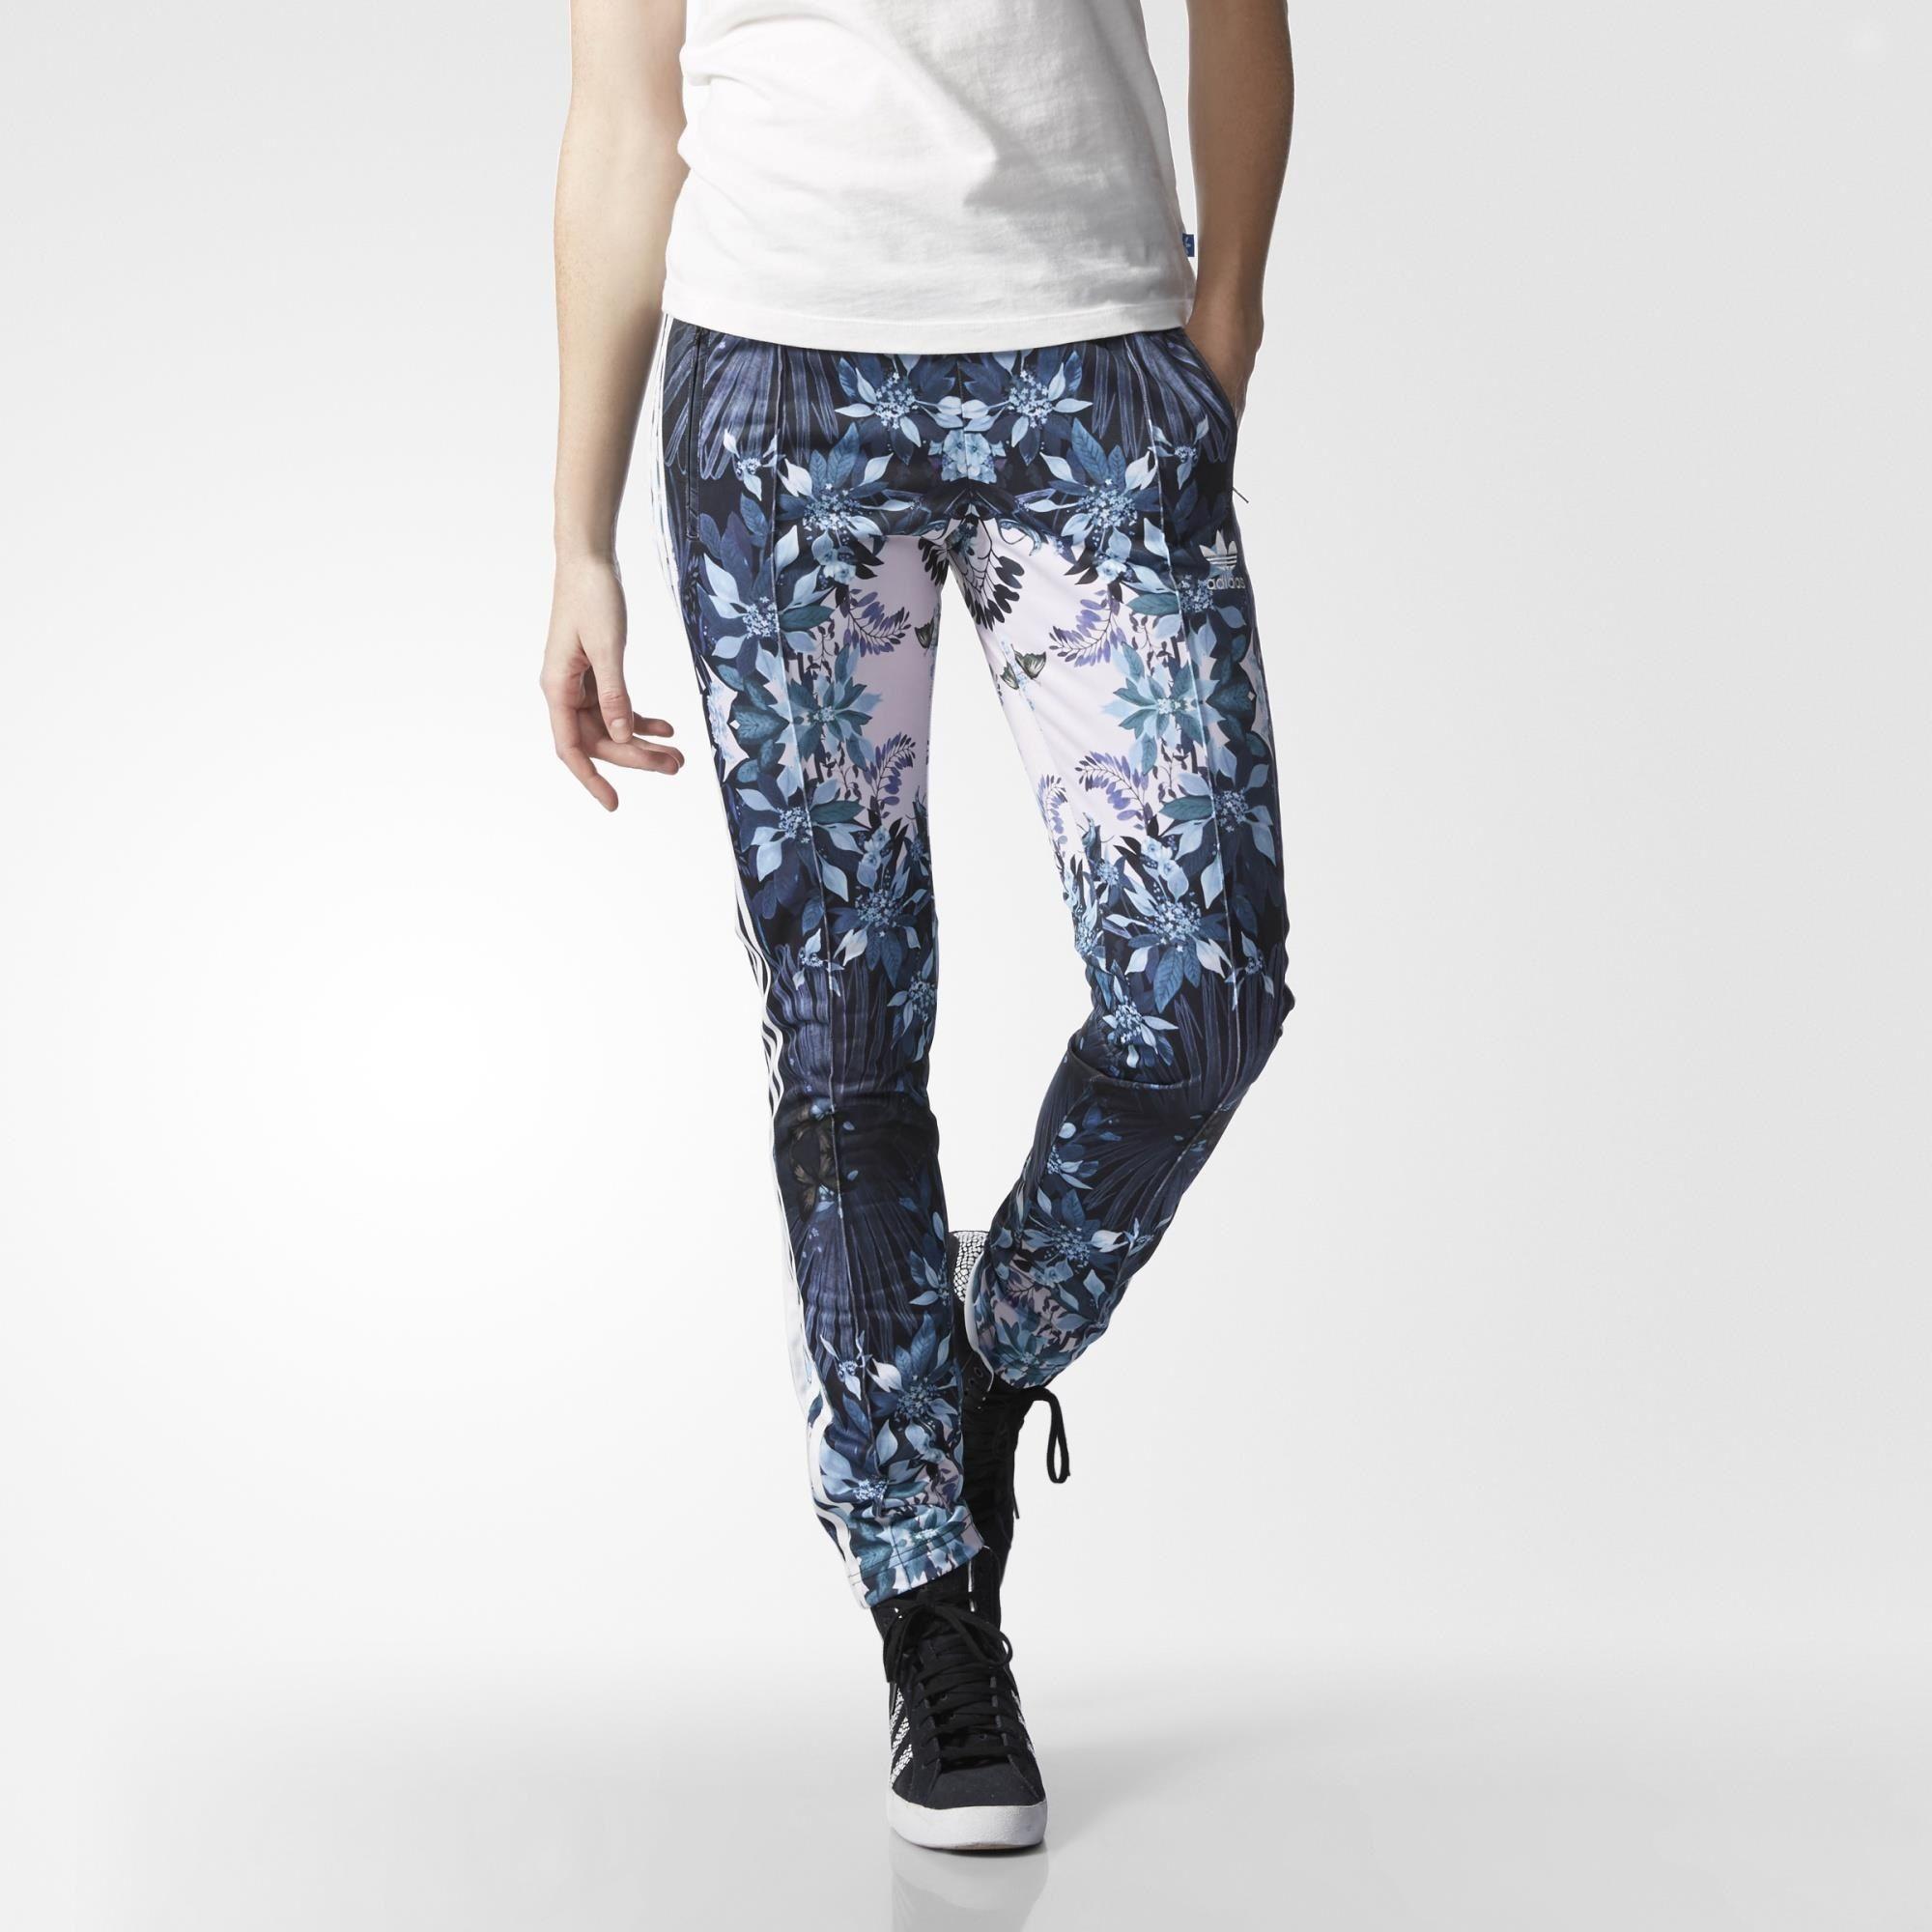 Adidas Originals romantico bosque Supergirl track pants Hipster